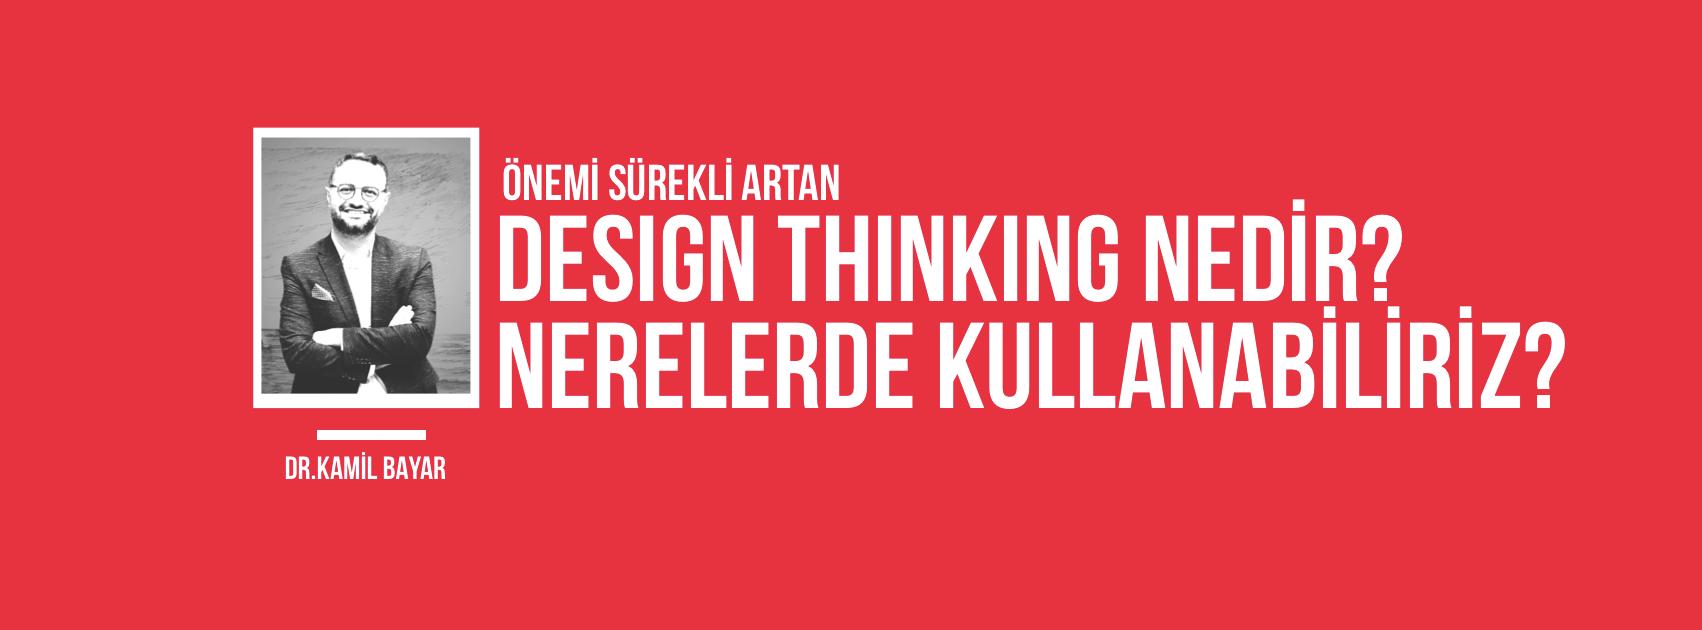 Design Thinking Nedir? Nerelerde Kullanılır?